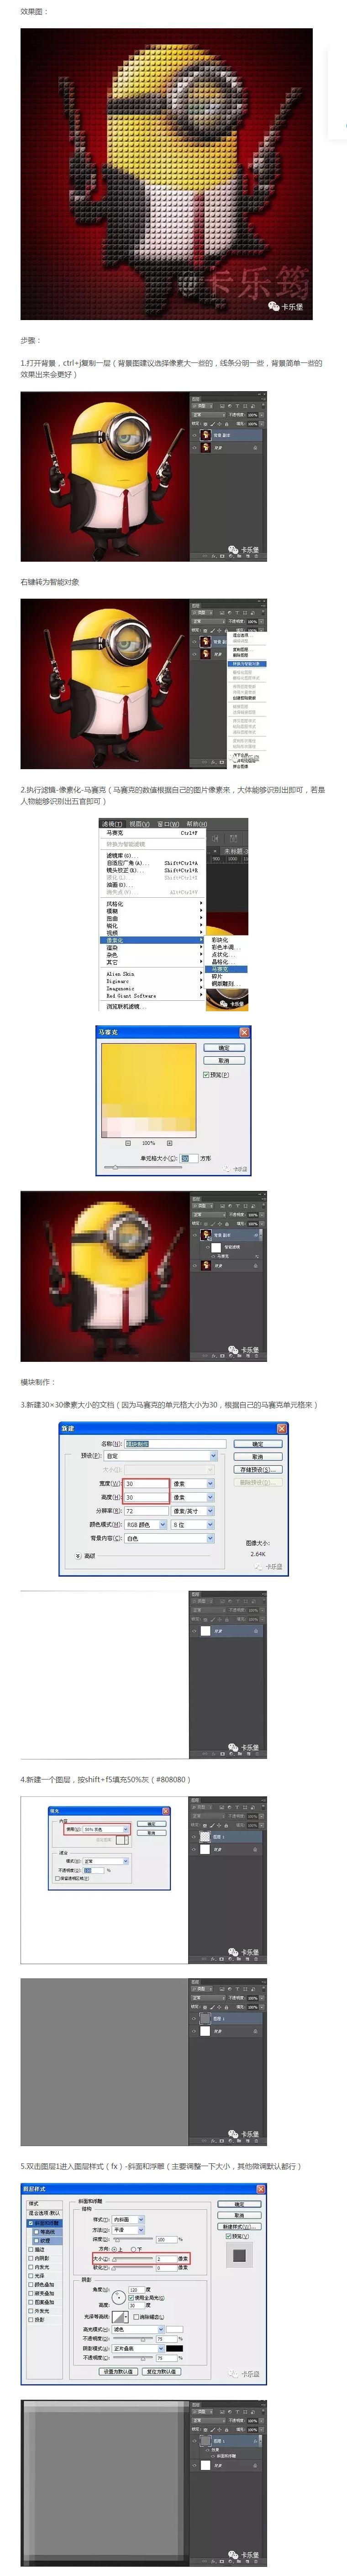 Photoshop设计创意的乐高拼图效果,PS教程,思缘教程网